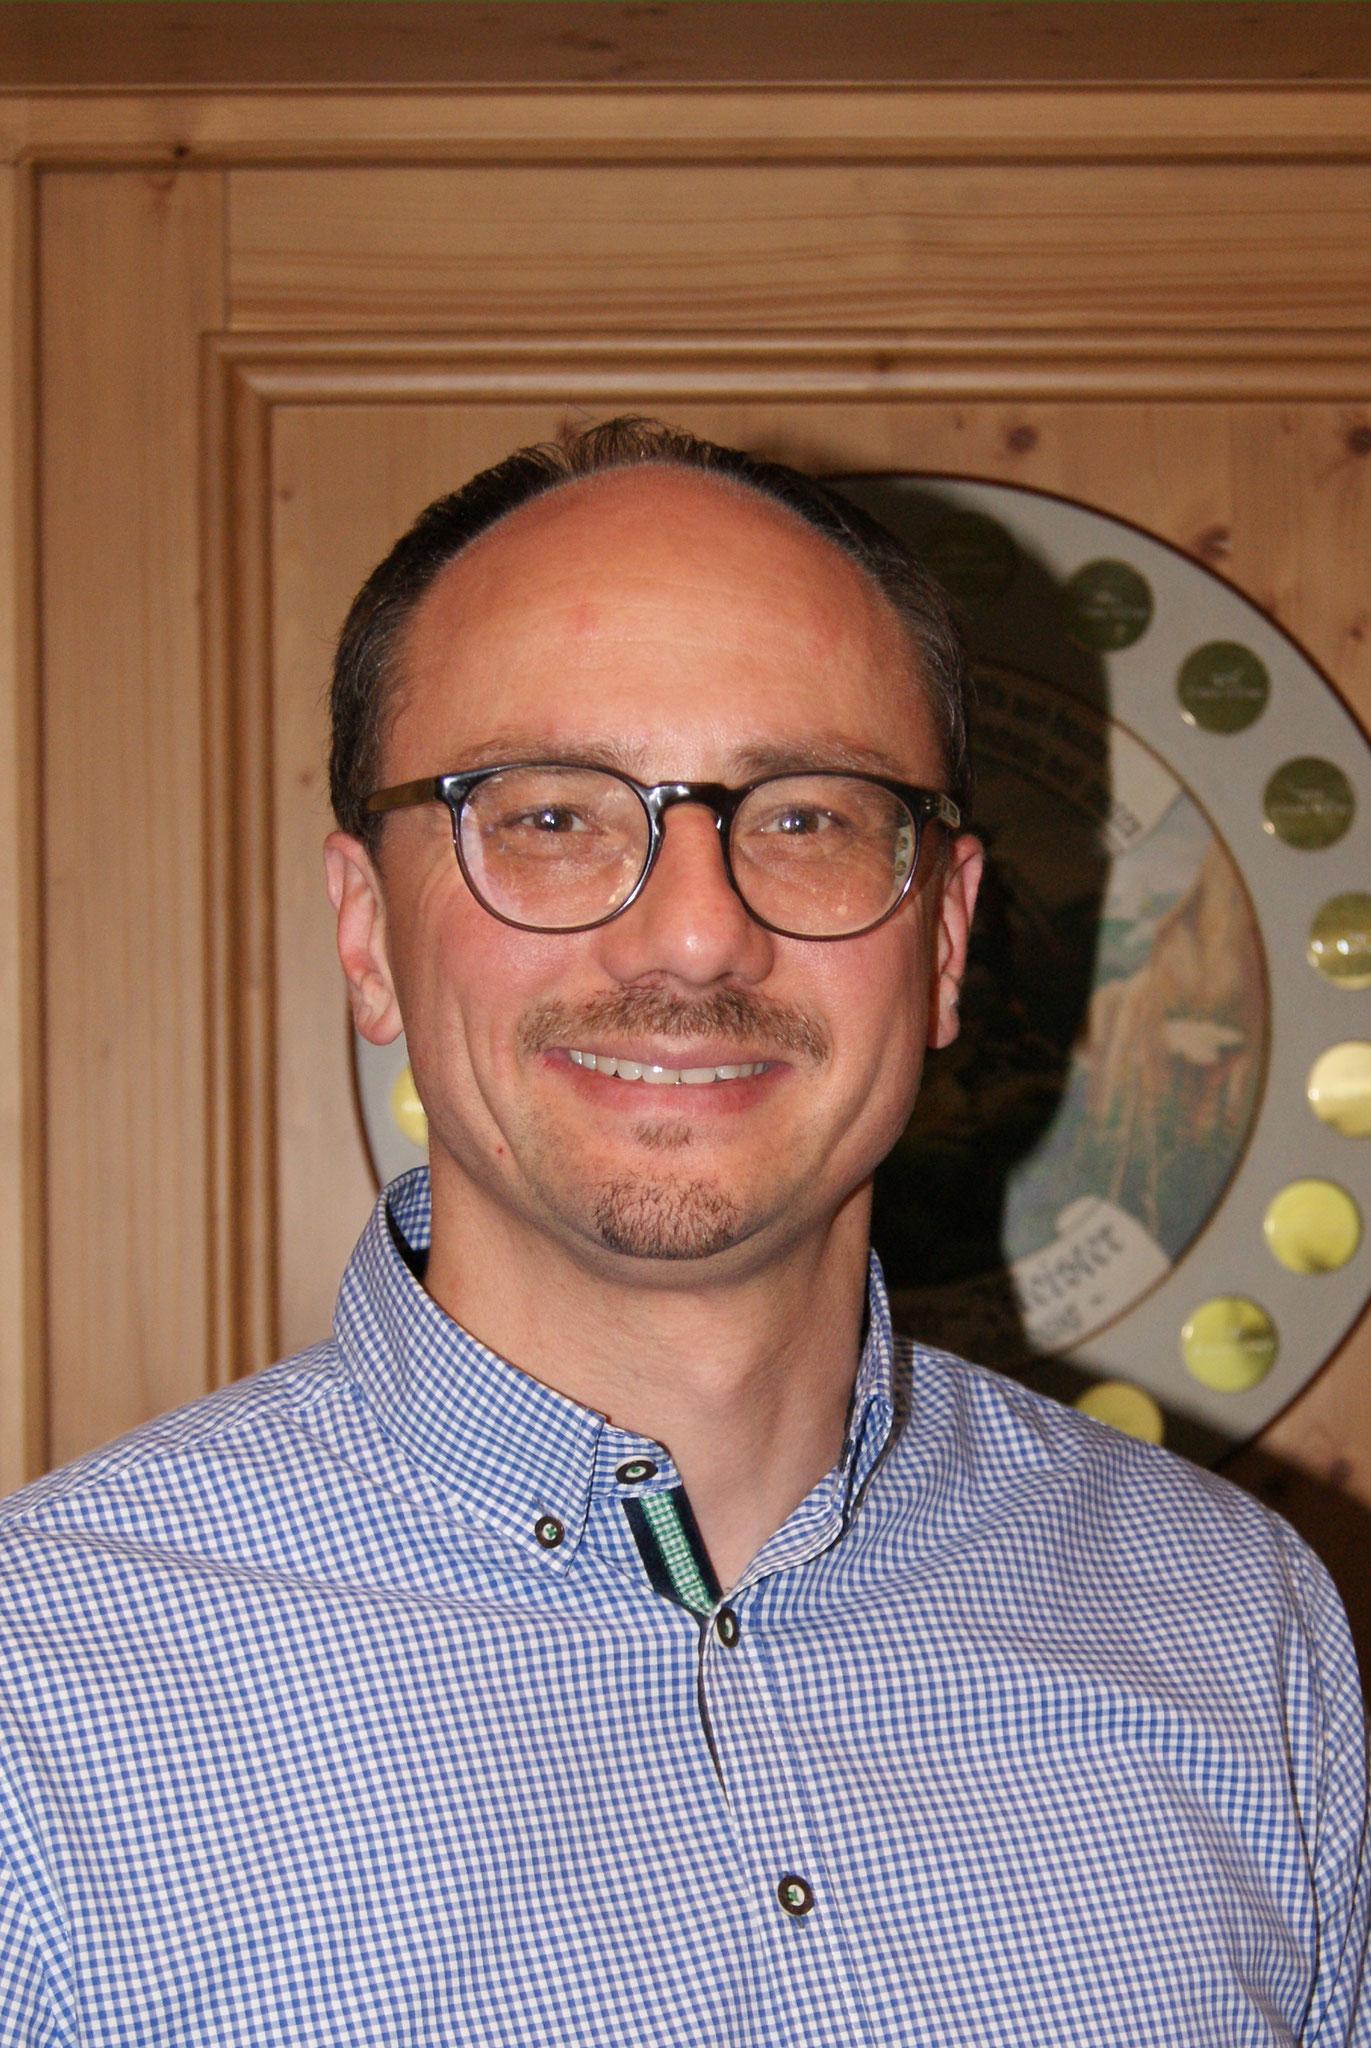 Stefan Bileszynskyj